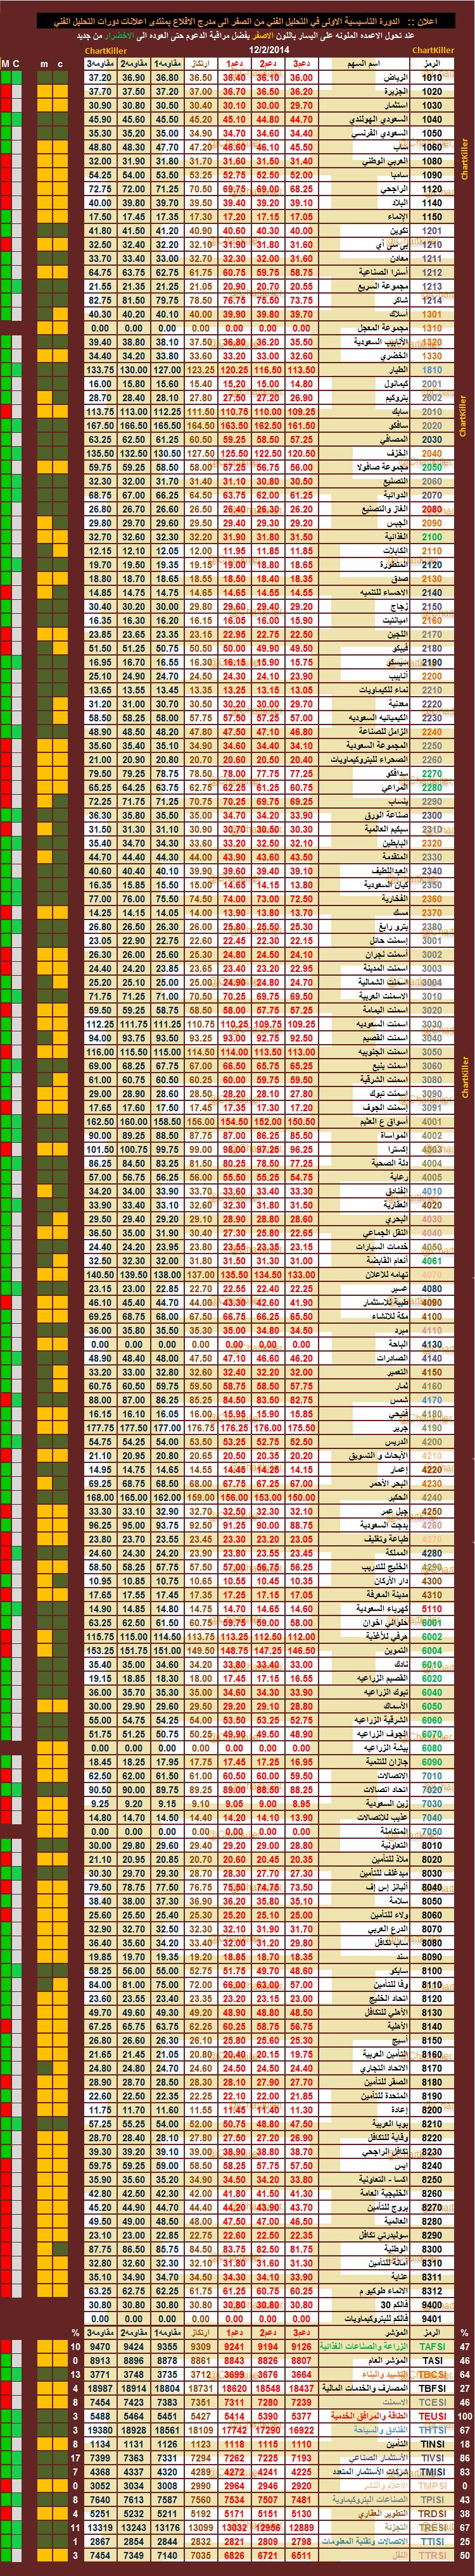 الدعم المقاومه ليوم  الاربعاء   12-2-2014  ::   السوق  السعودي  981347992